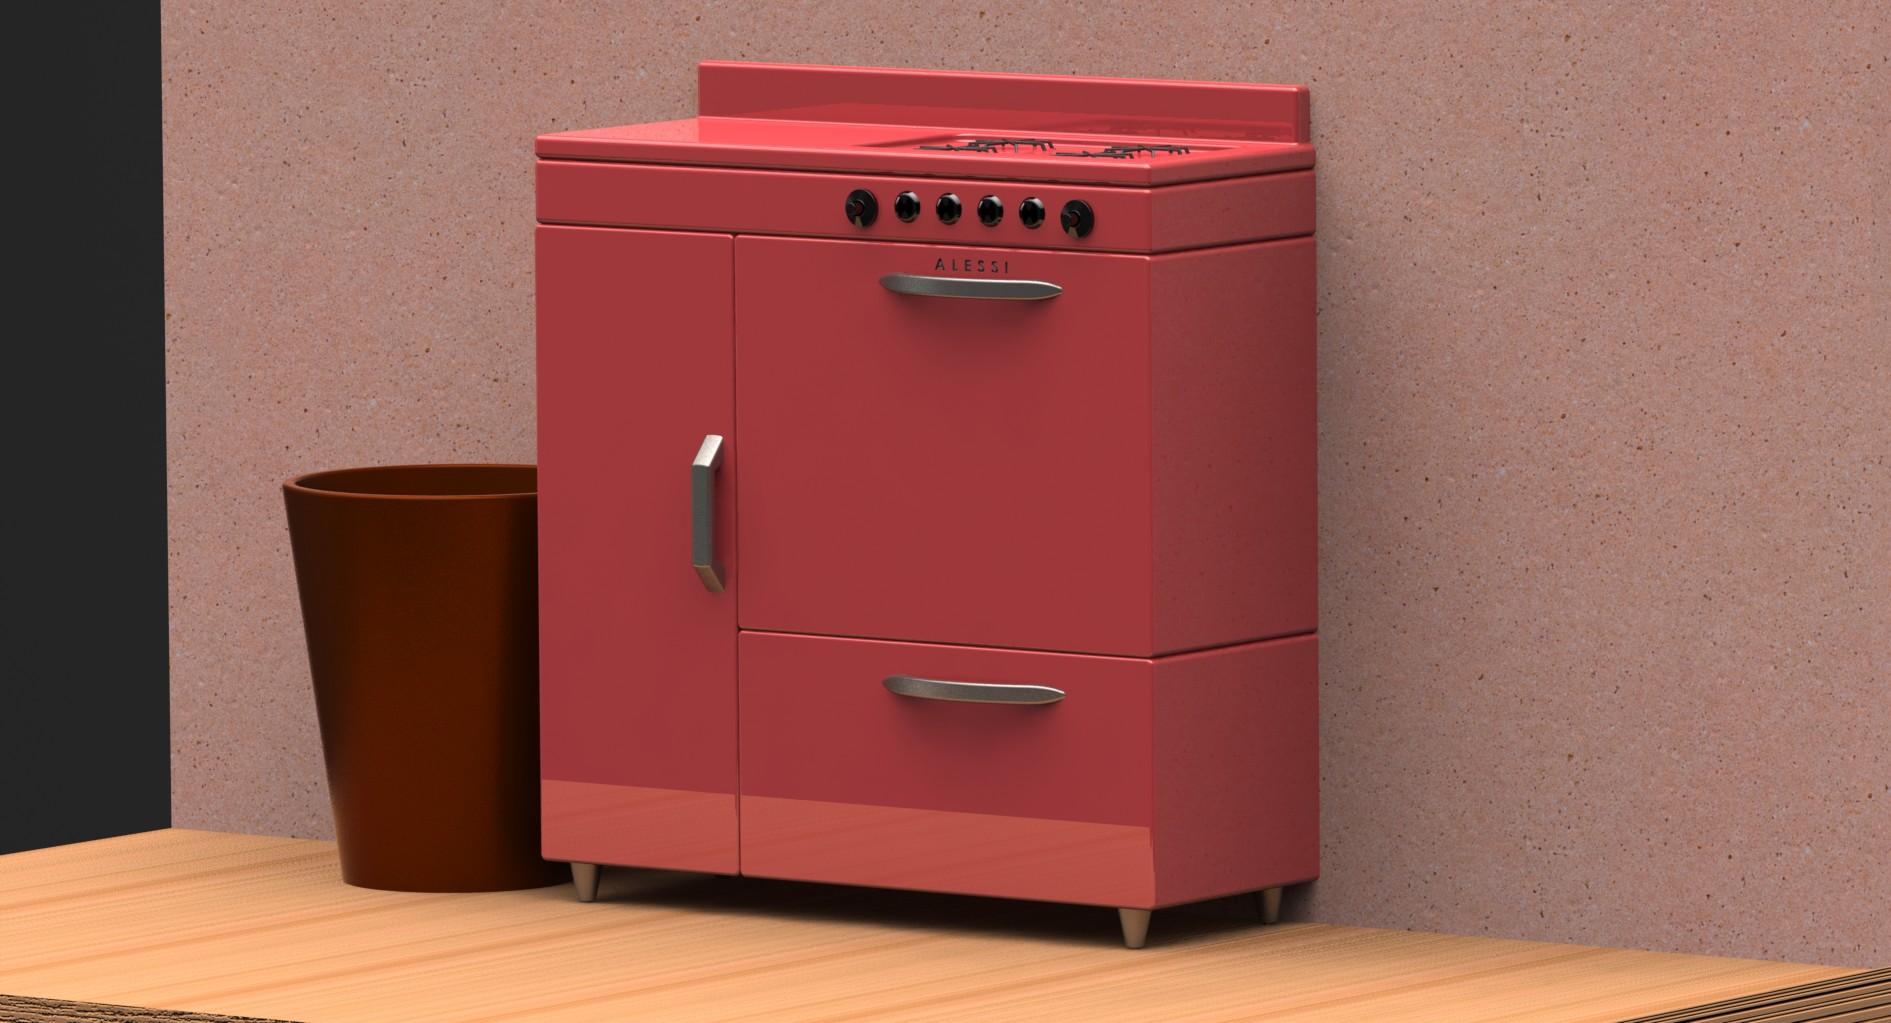 rp-week6-kitchen3-2.JPG